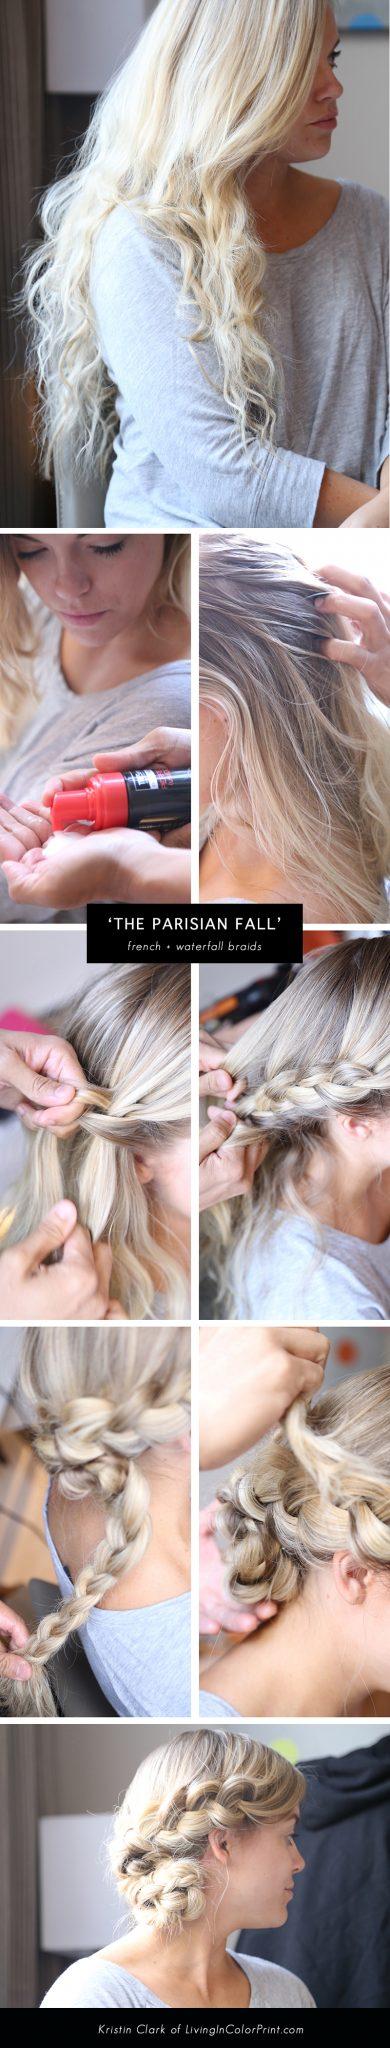 The Parisian Fall Tutorial